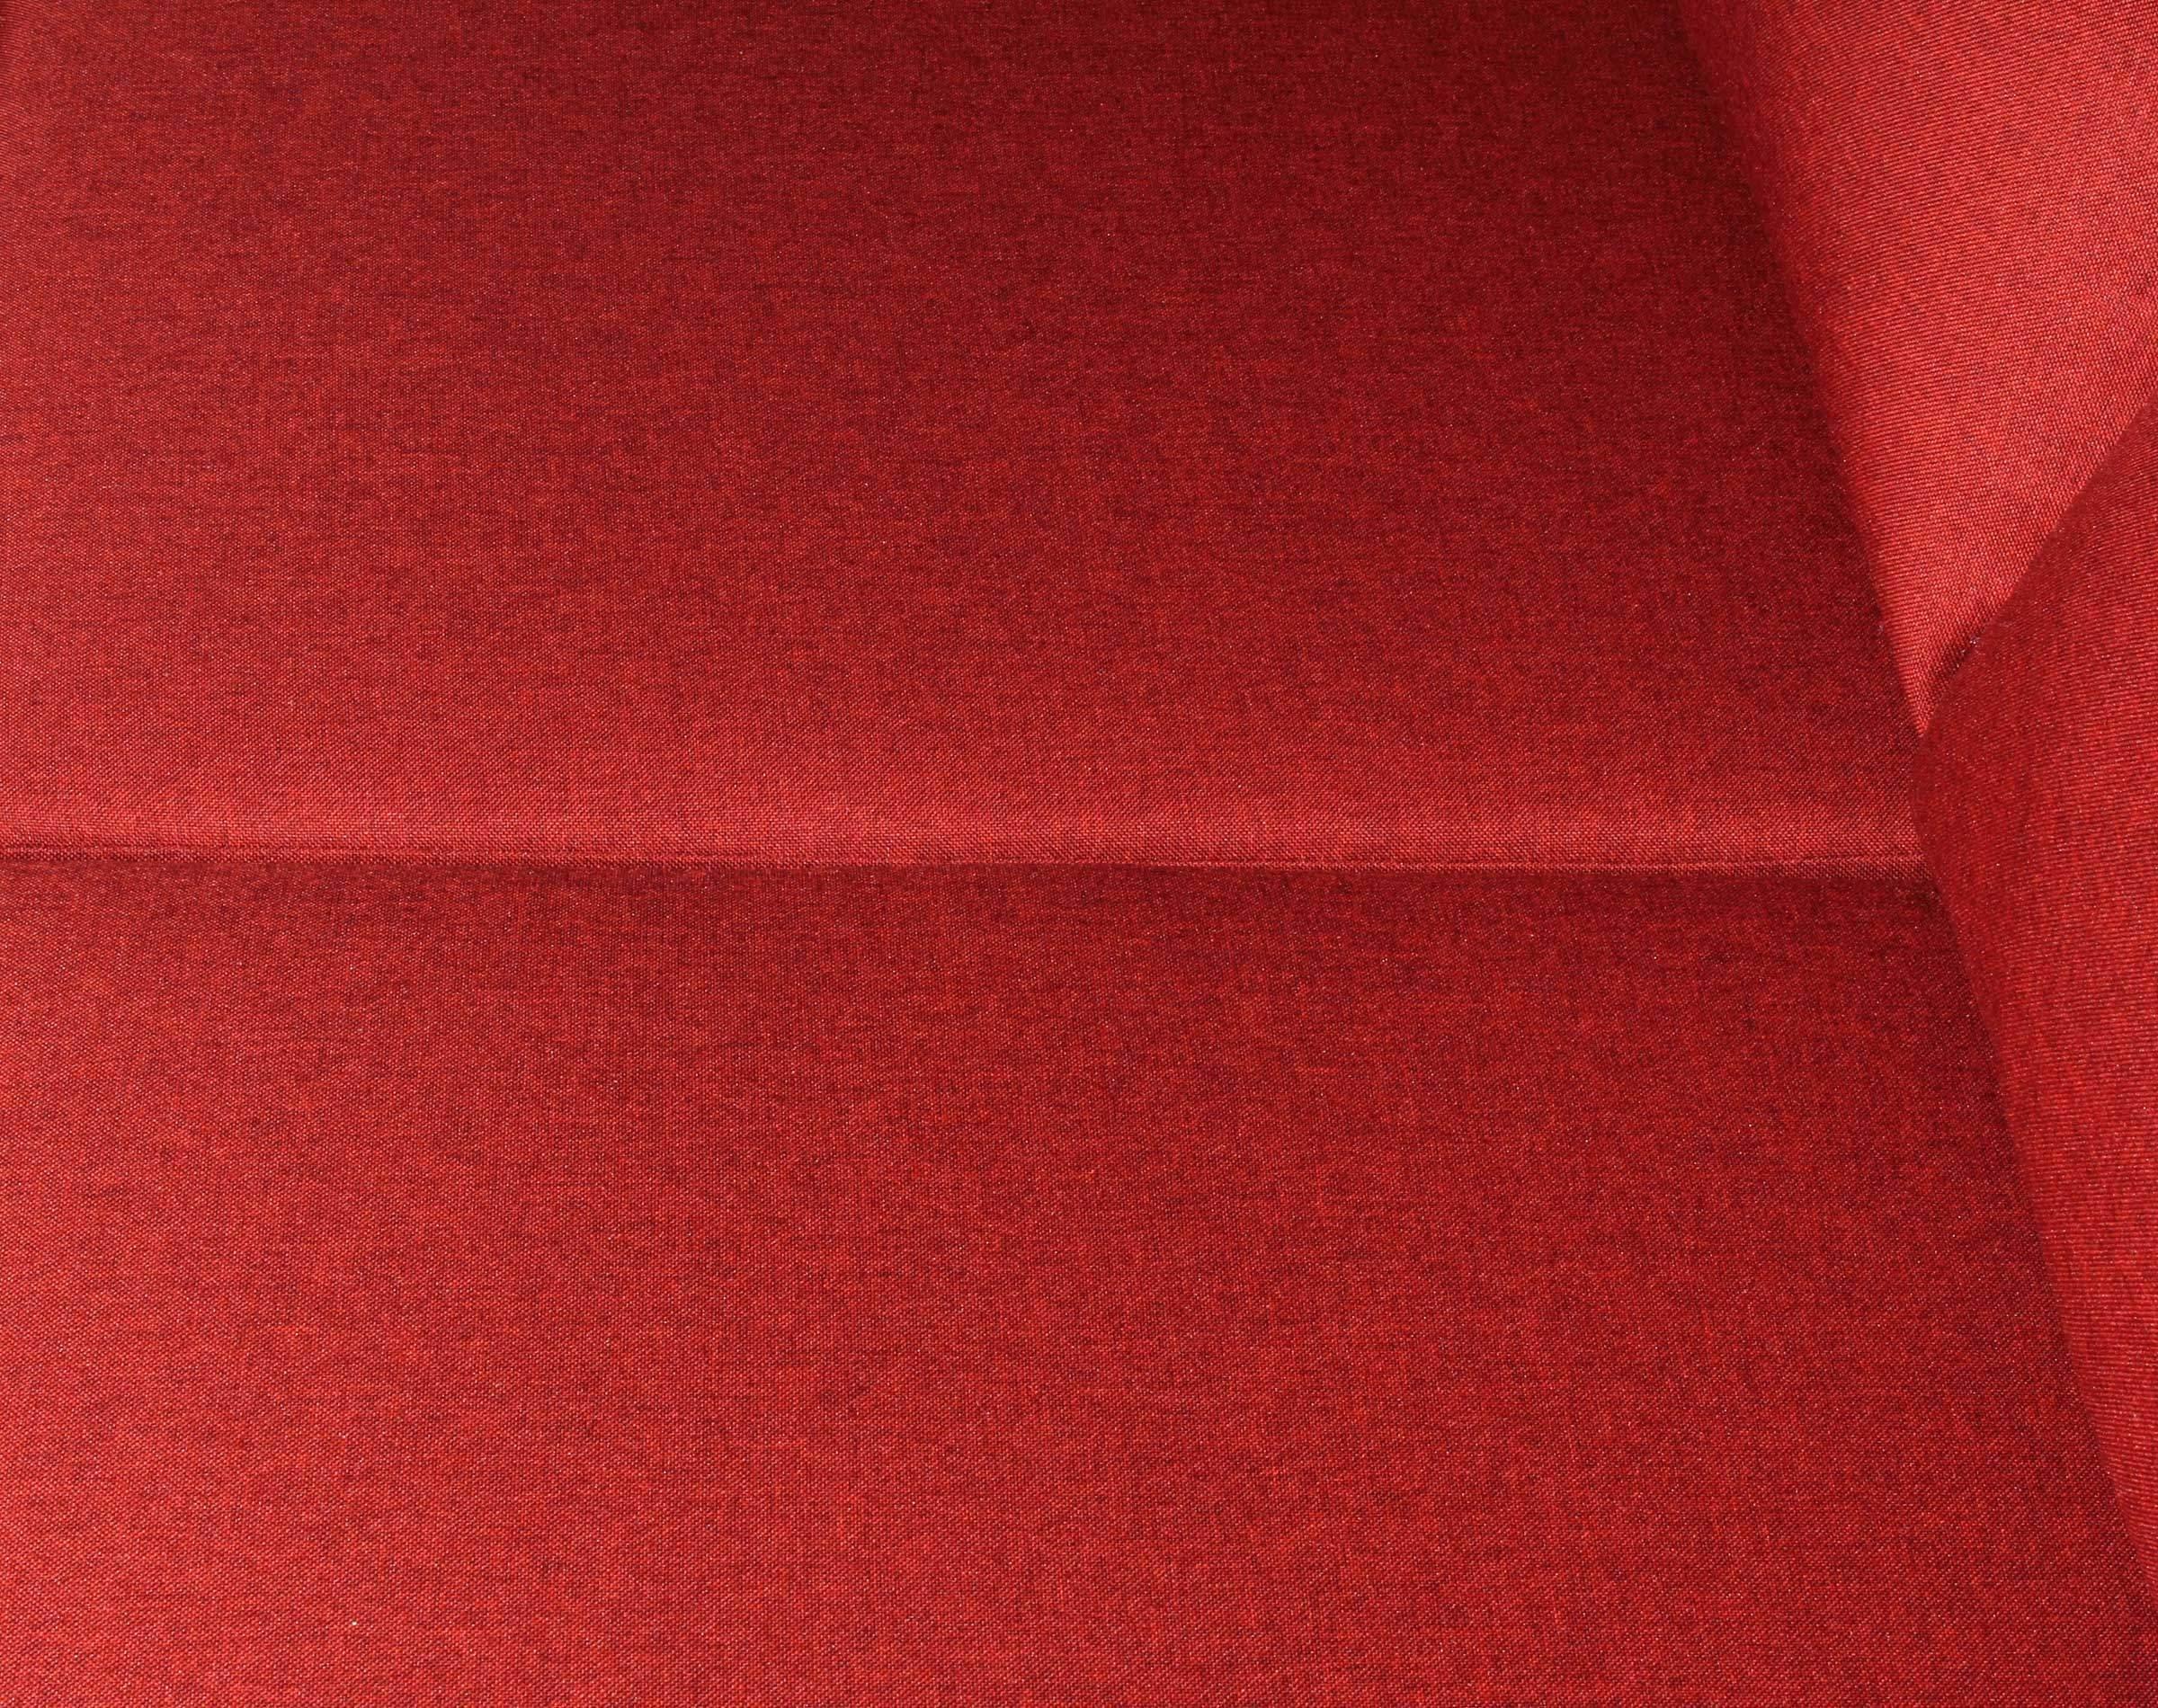 Sofa seccional Tai derecho Fur rojo tapiz